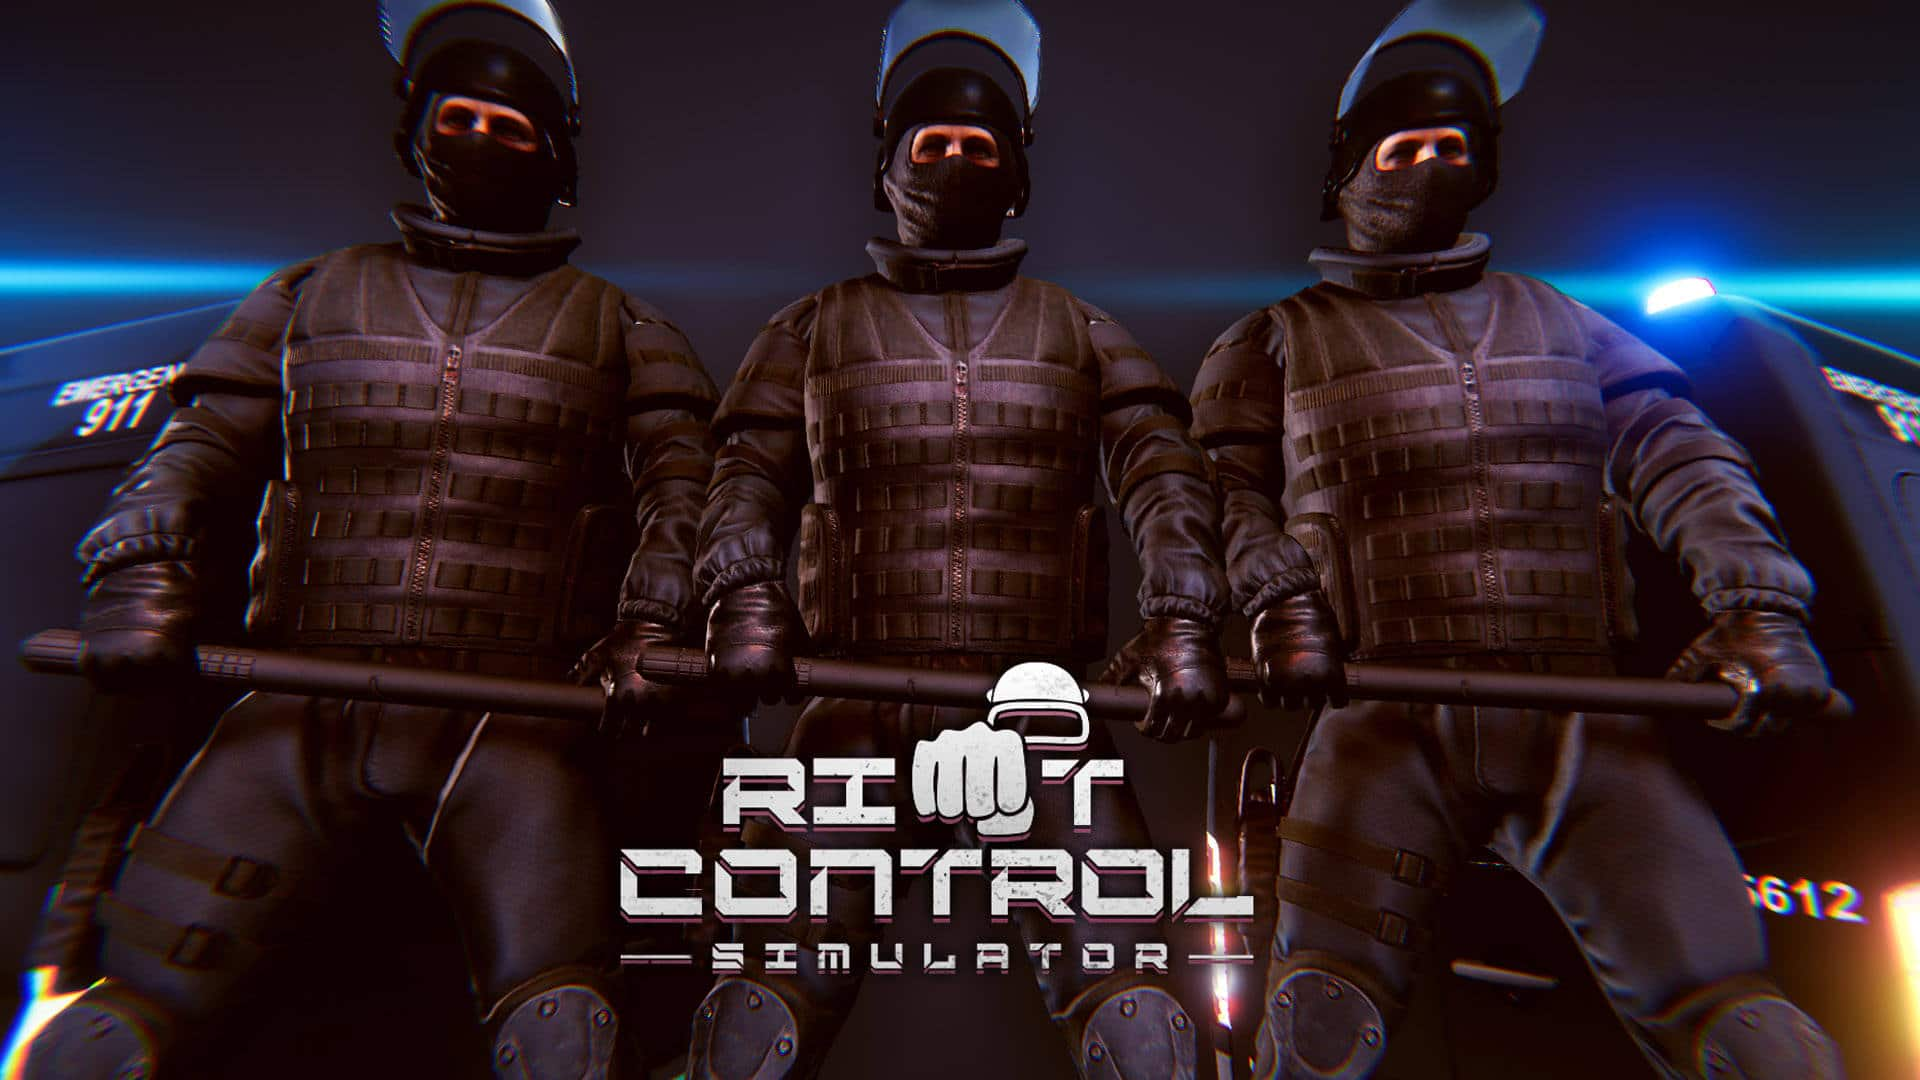 Riot Control Simulator 01